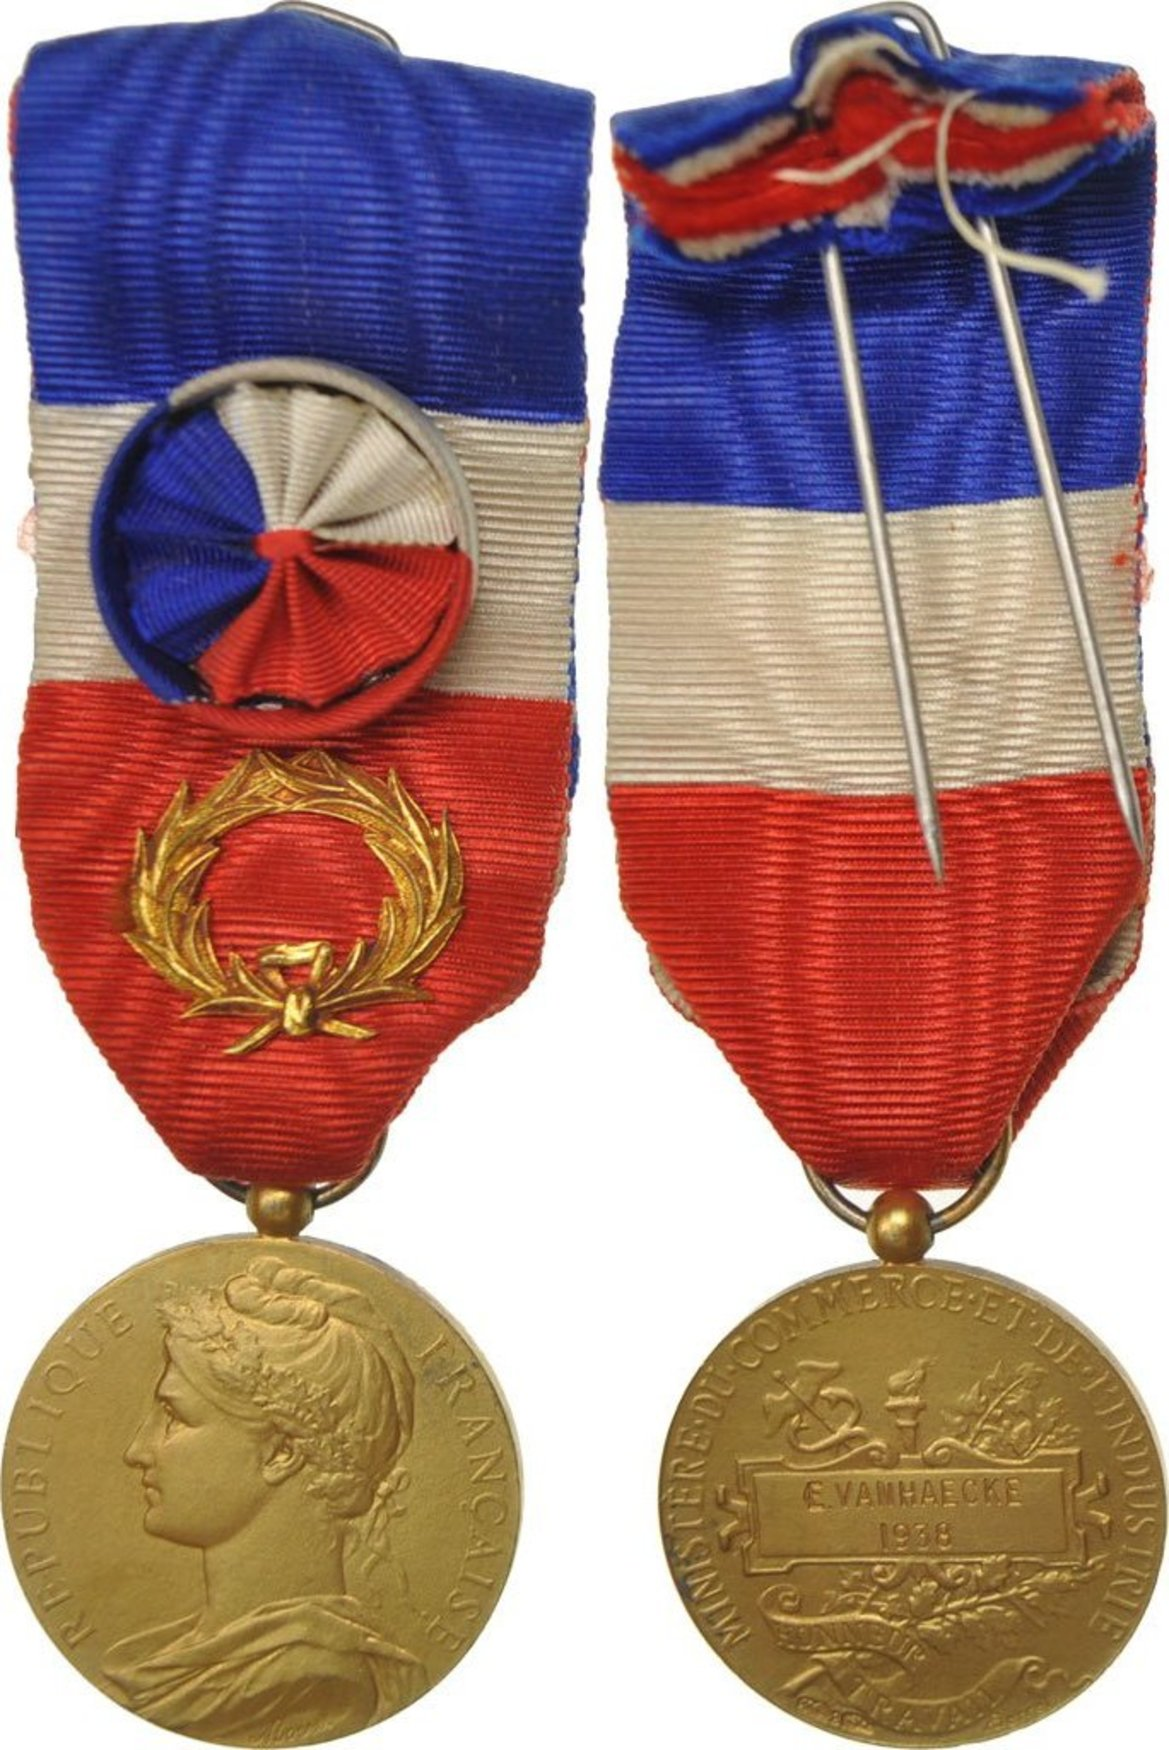 Medaille 1938 France Ministère du Commerce et de l'Industrie, Couronne